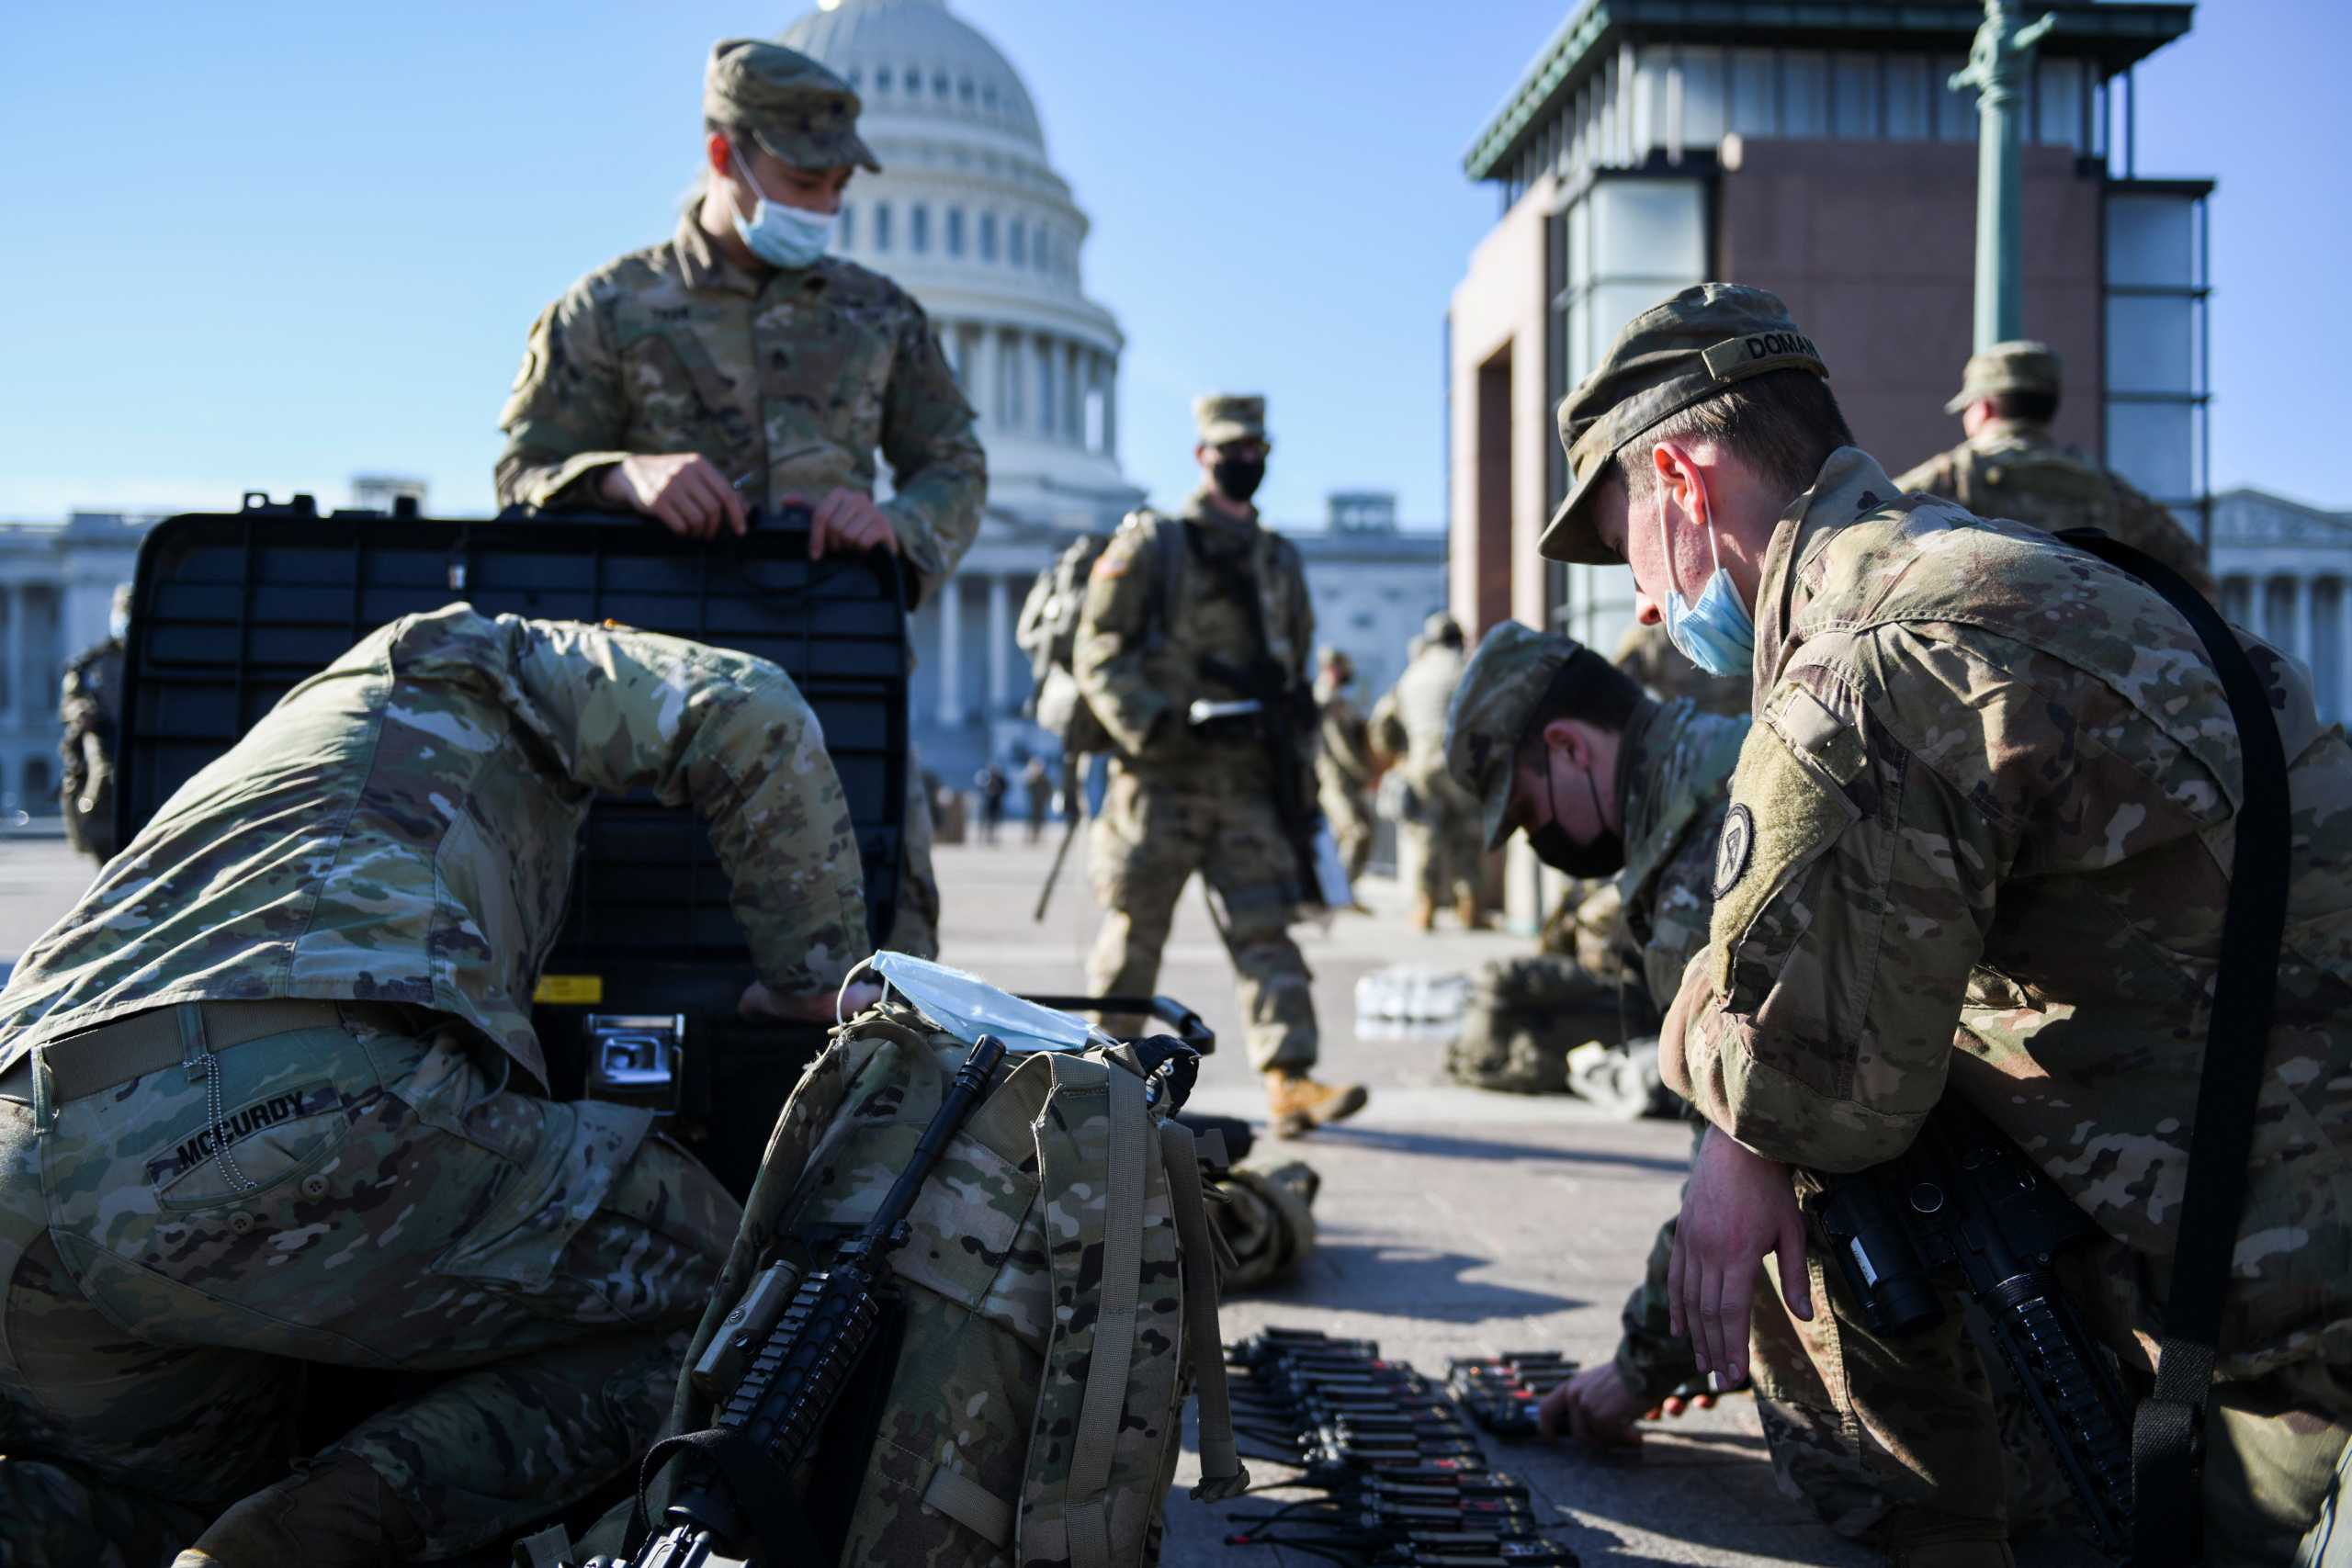 Στρατοκρατούμενη η Ουάσινγκτον: Αναβλήθηκε η πρόβα για την ορκωμοσία Μπάιντεν